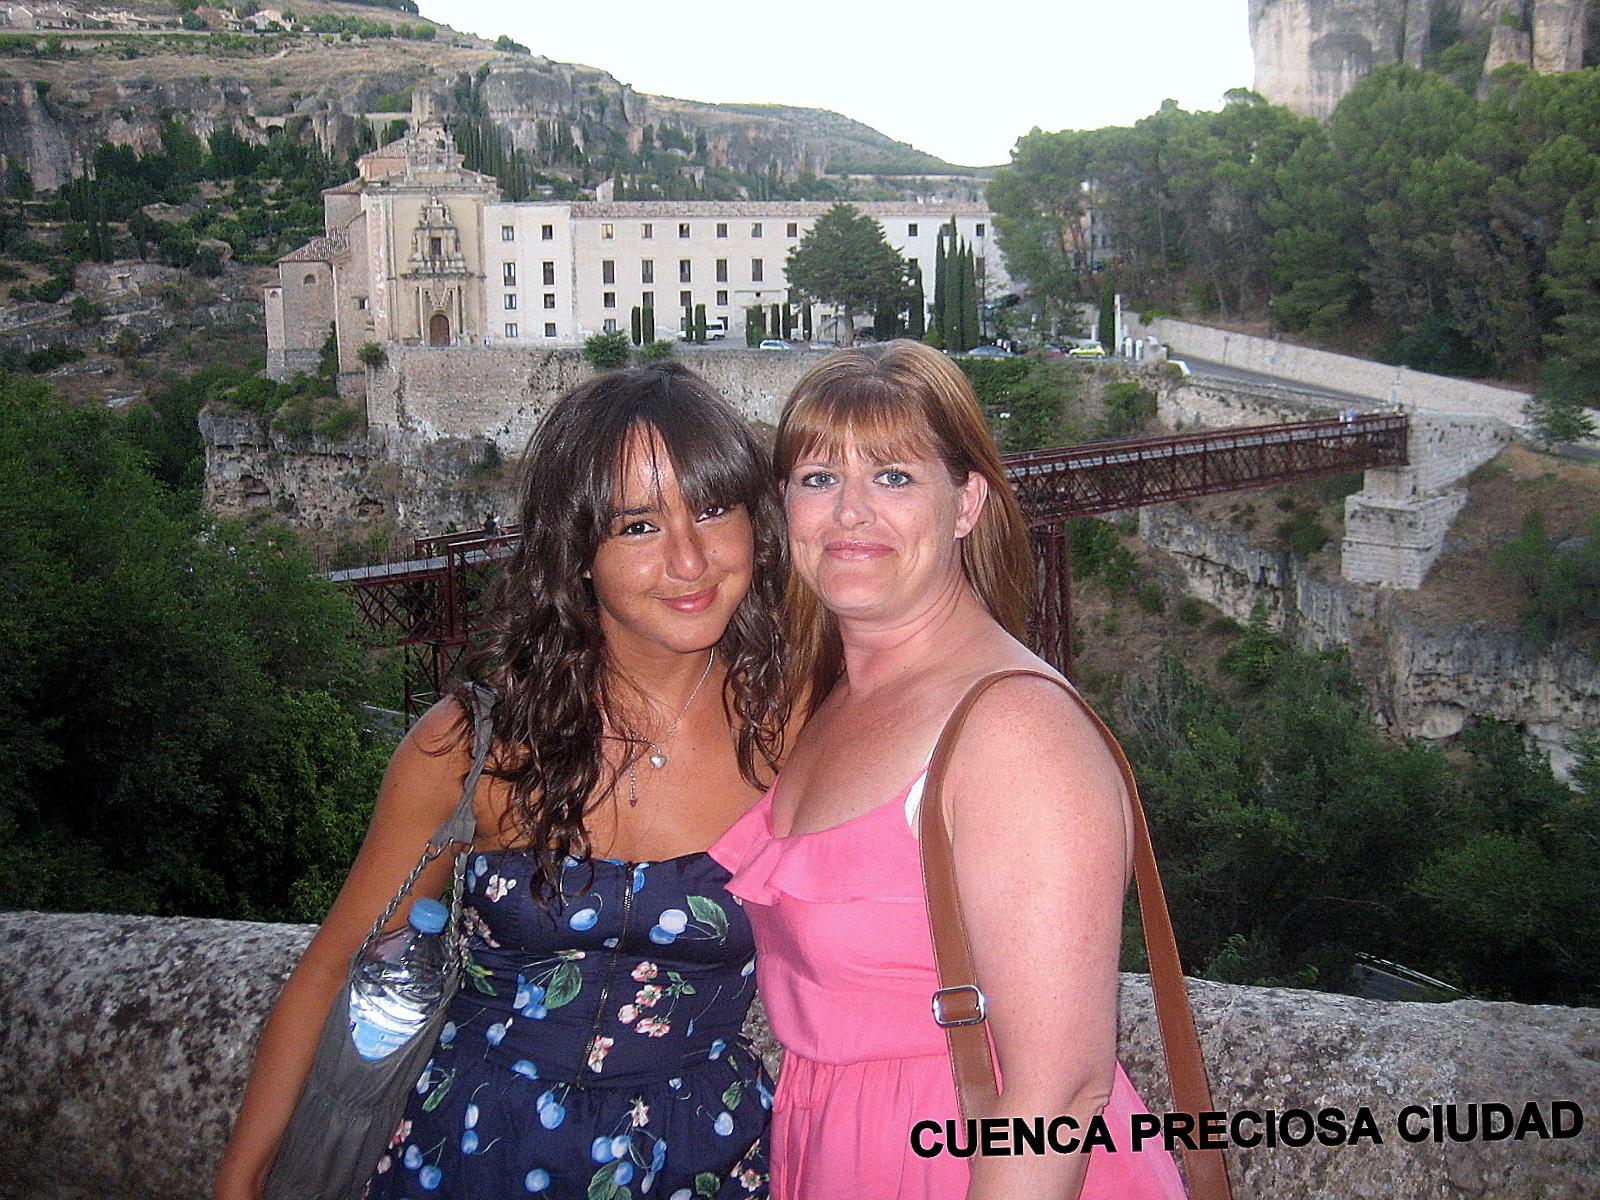 De visita en Cuenca